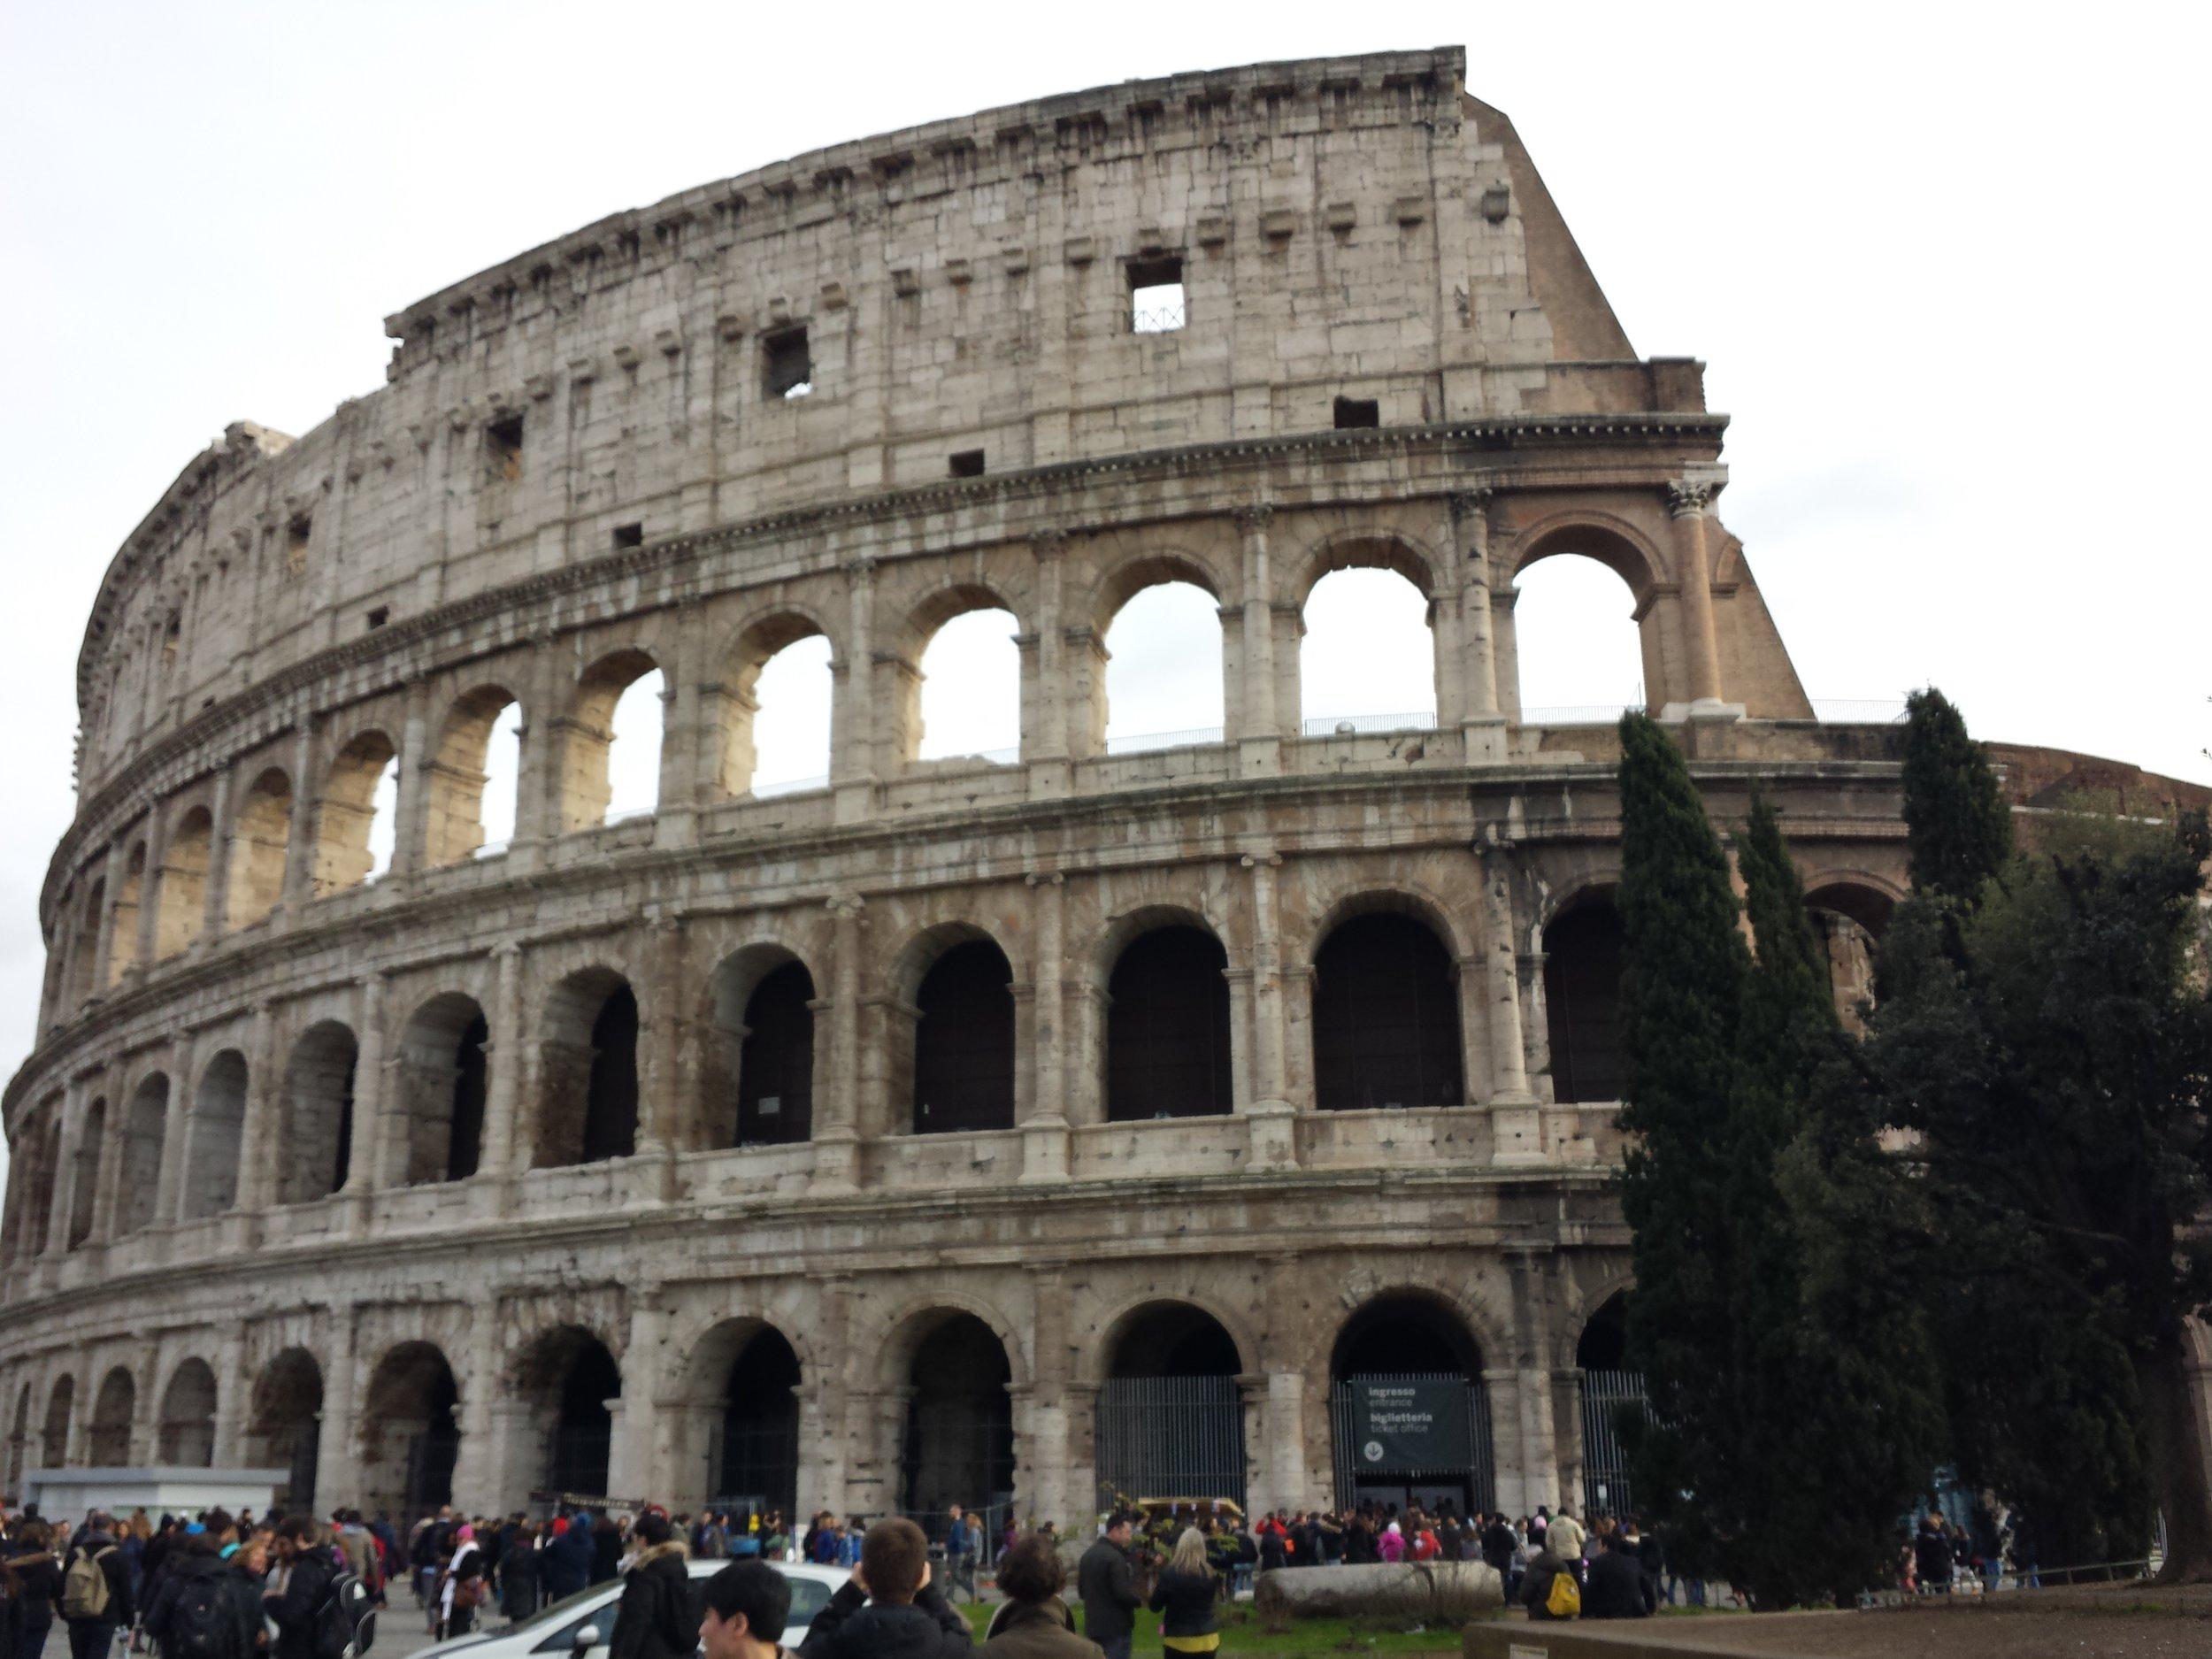 Stunning ancient Colesium